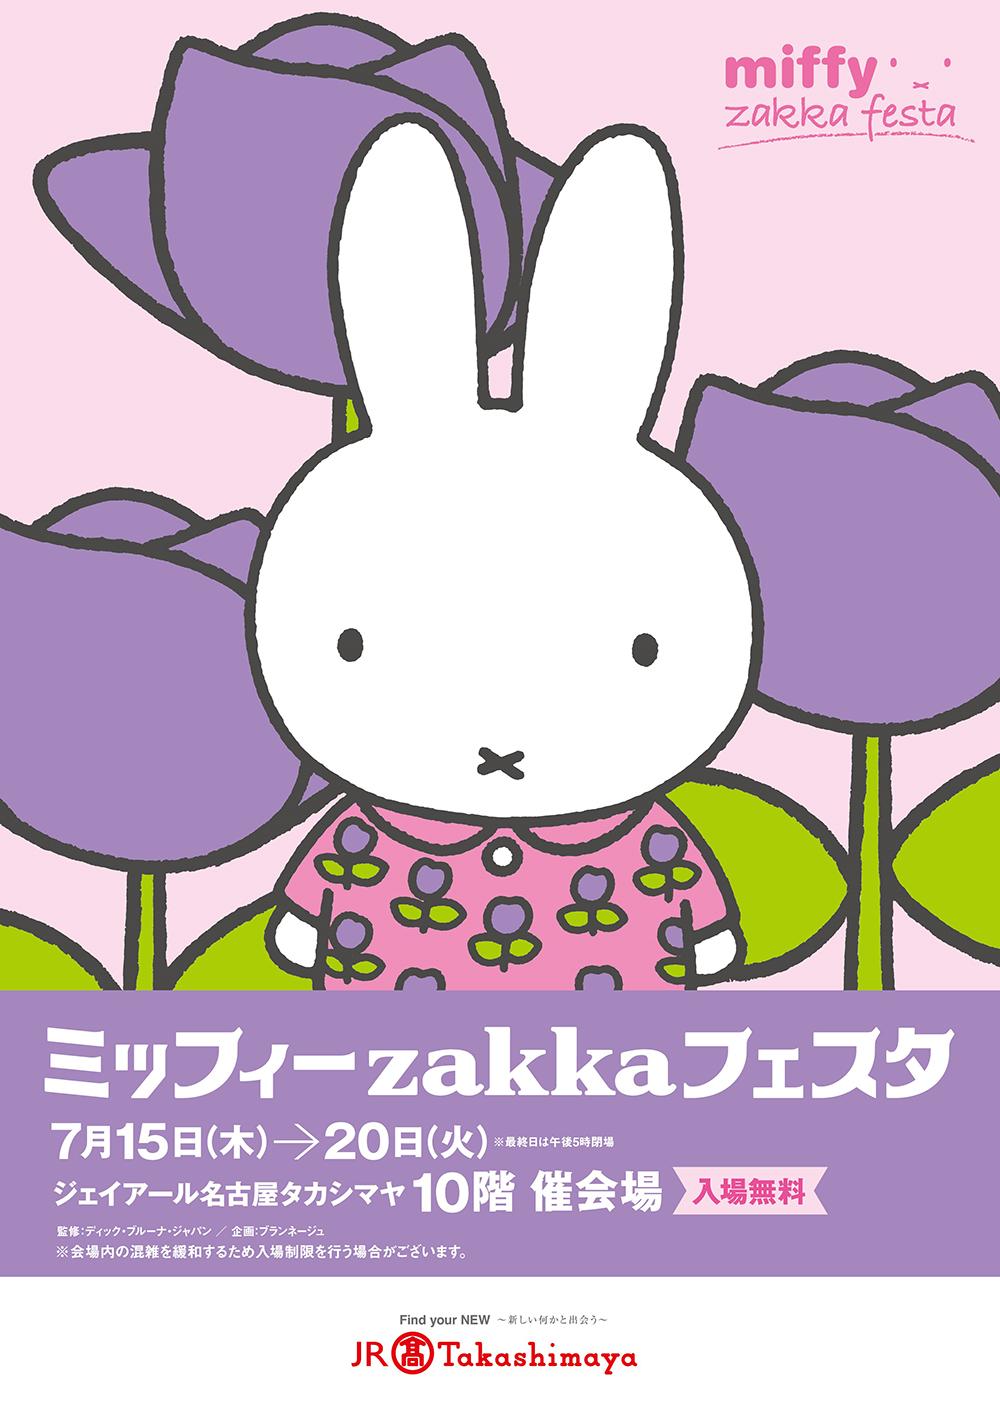 zakkaフェスタ名古屋